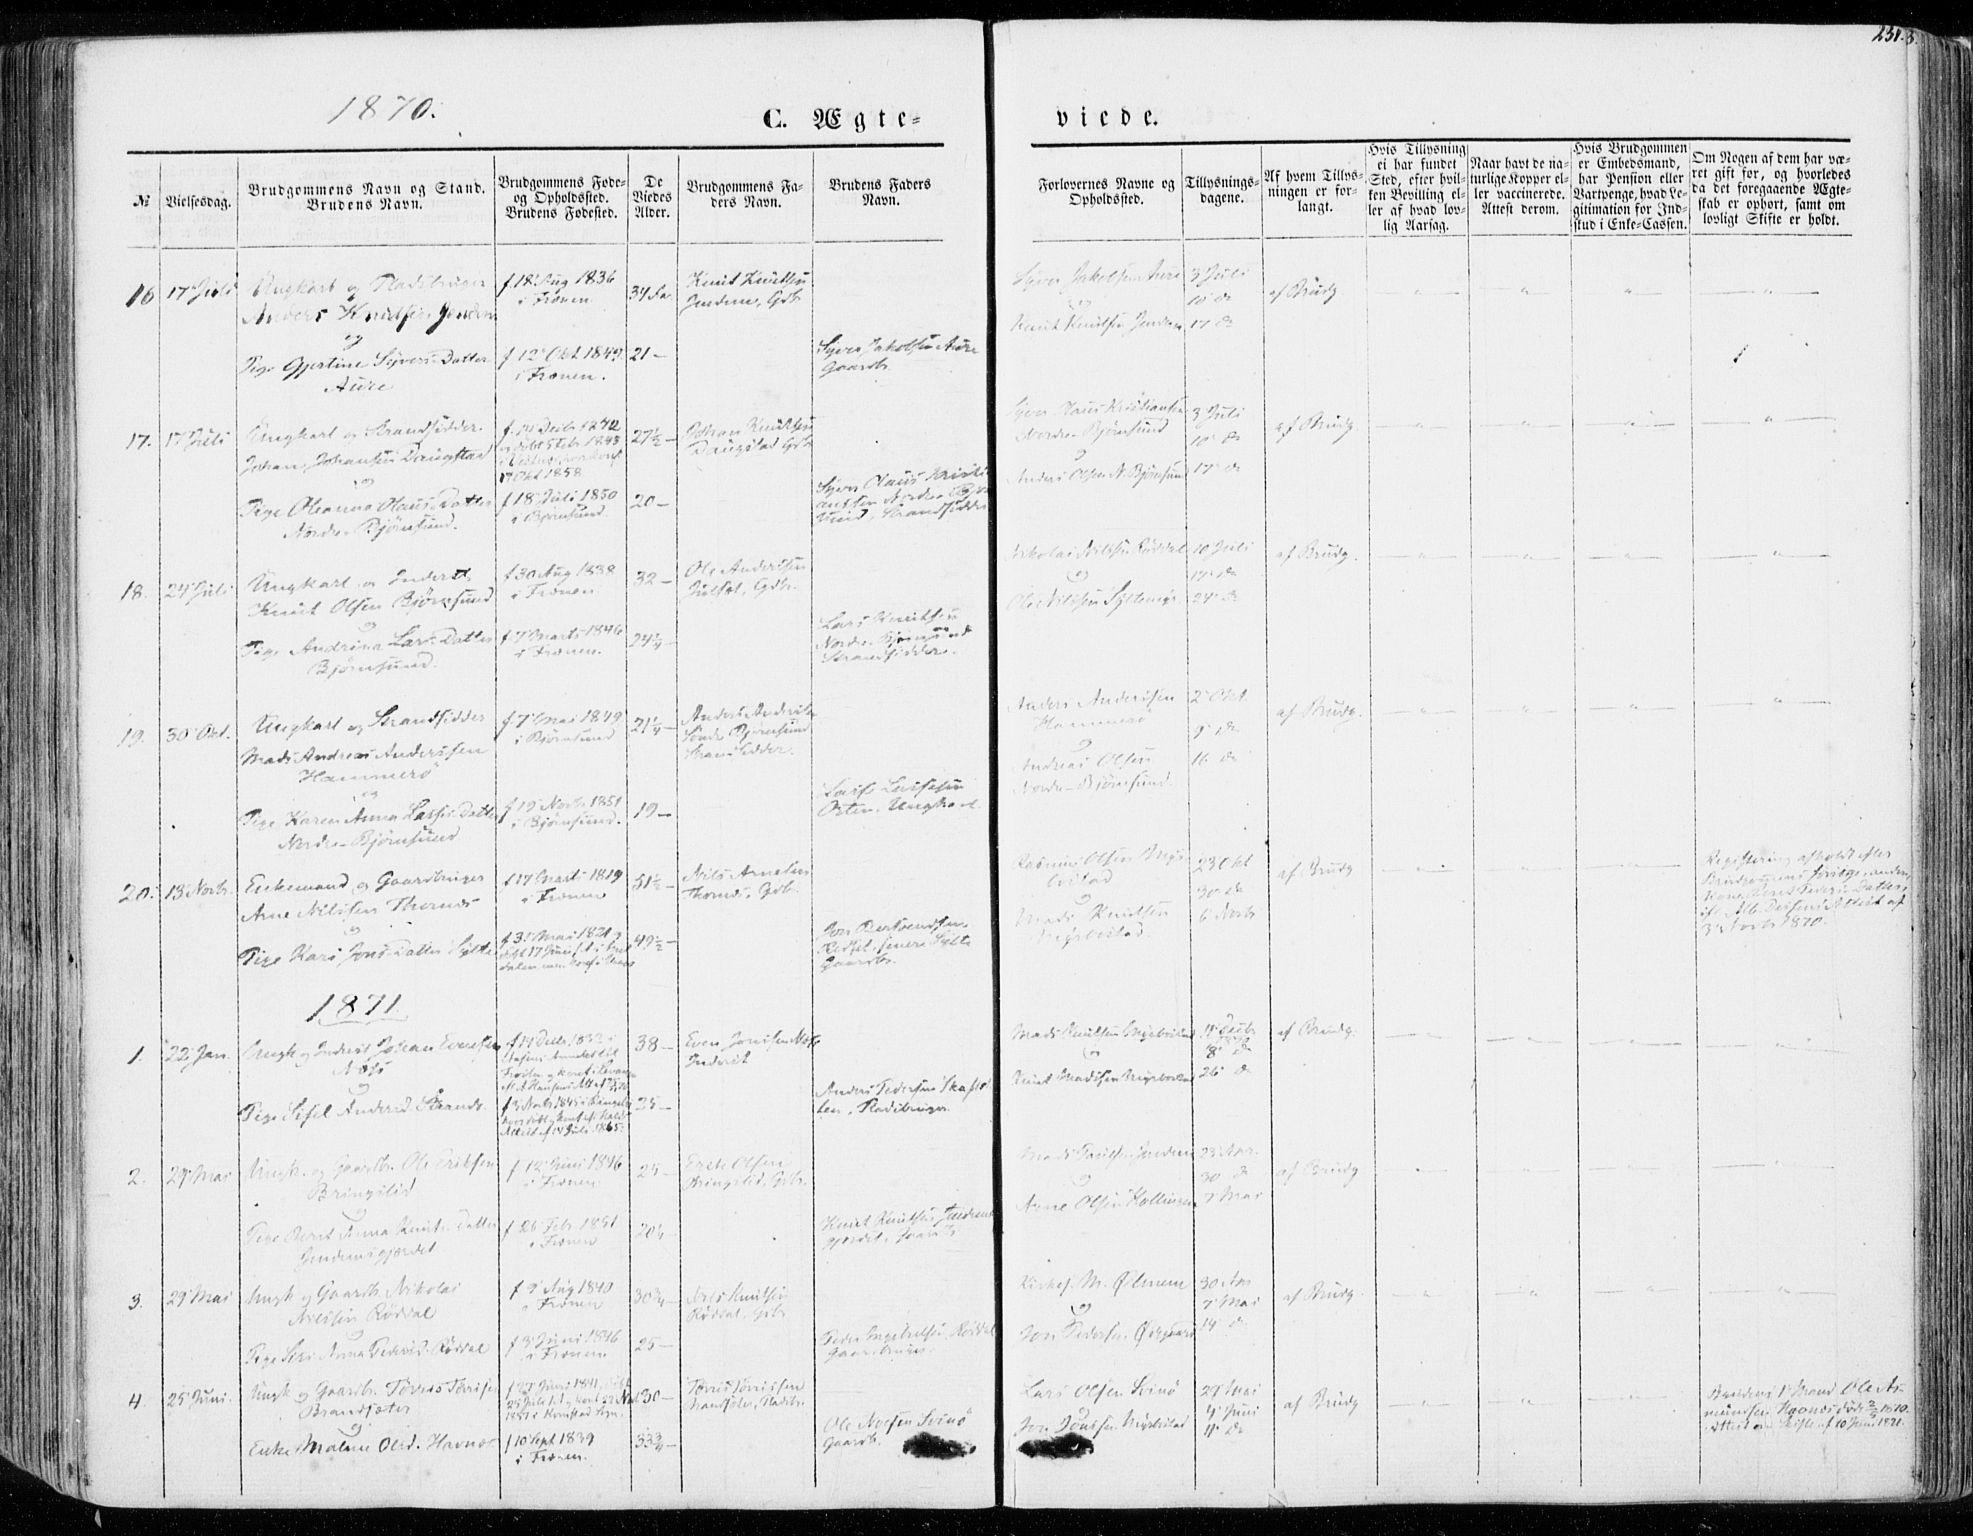 SAT, Ministerialprotokoller, klokkerbøker og fødselsregistre - Møre og Romsdal, 565/L0748: Ministerialbok nr. 565A02, 1845-1872, s. 231